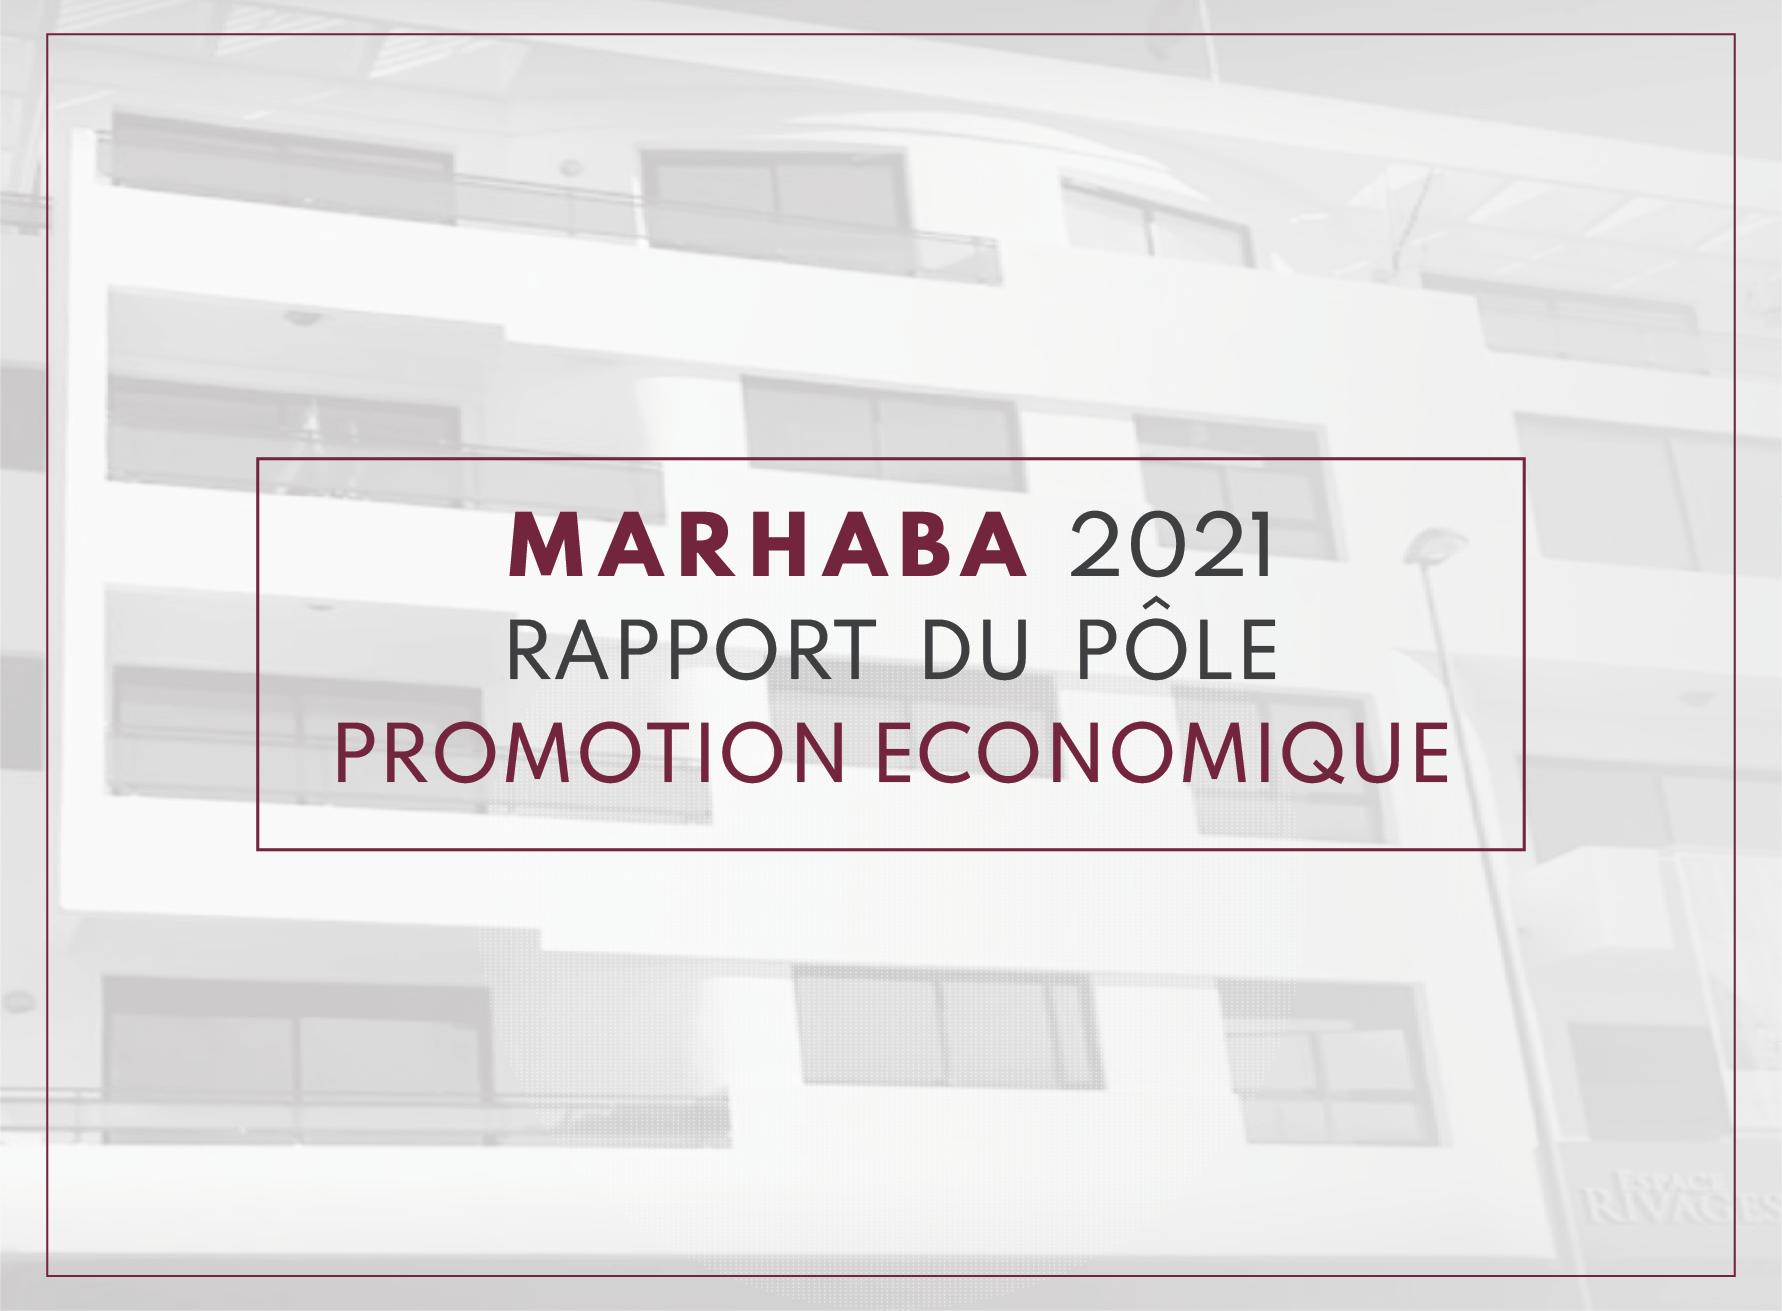 marhaba2021 pole economique